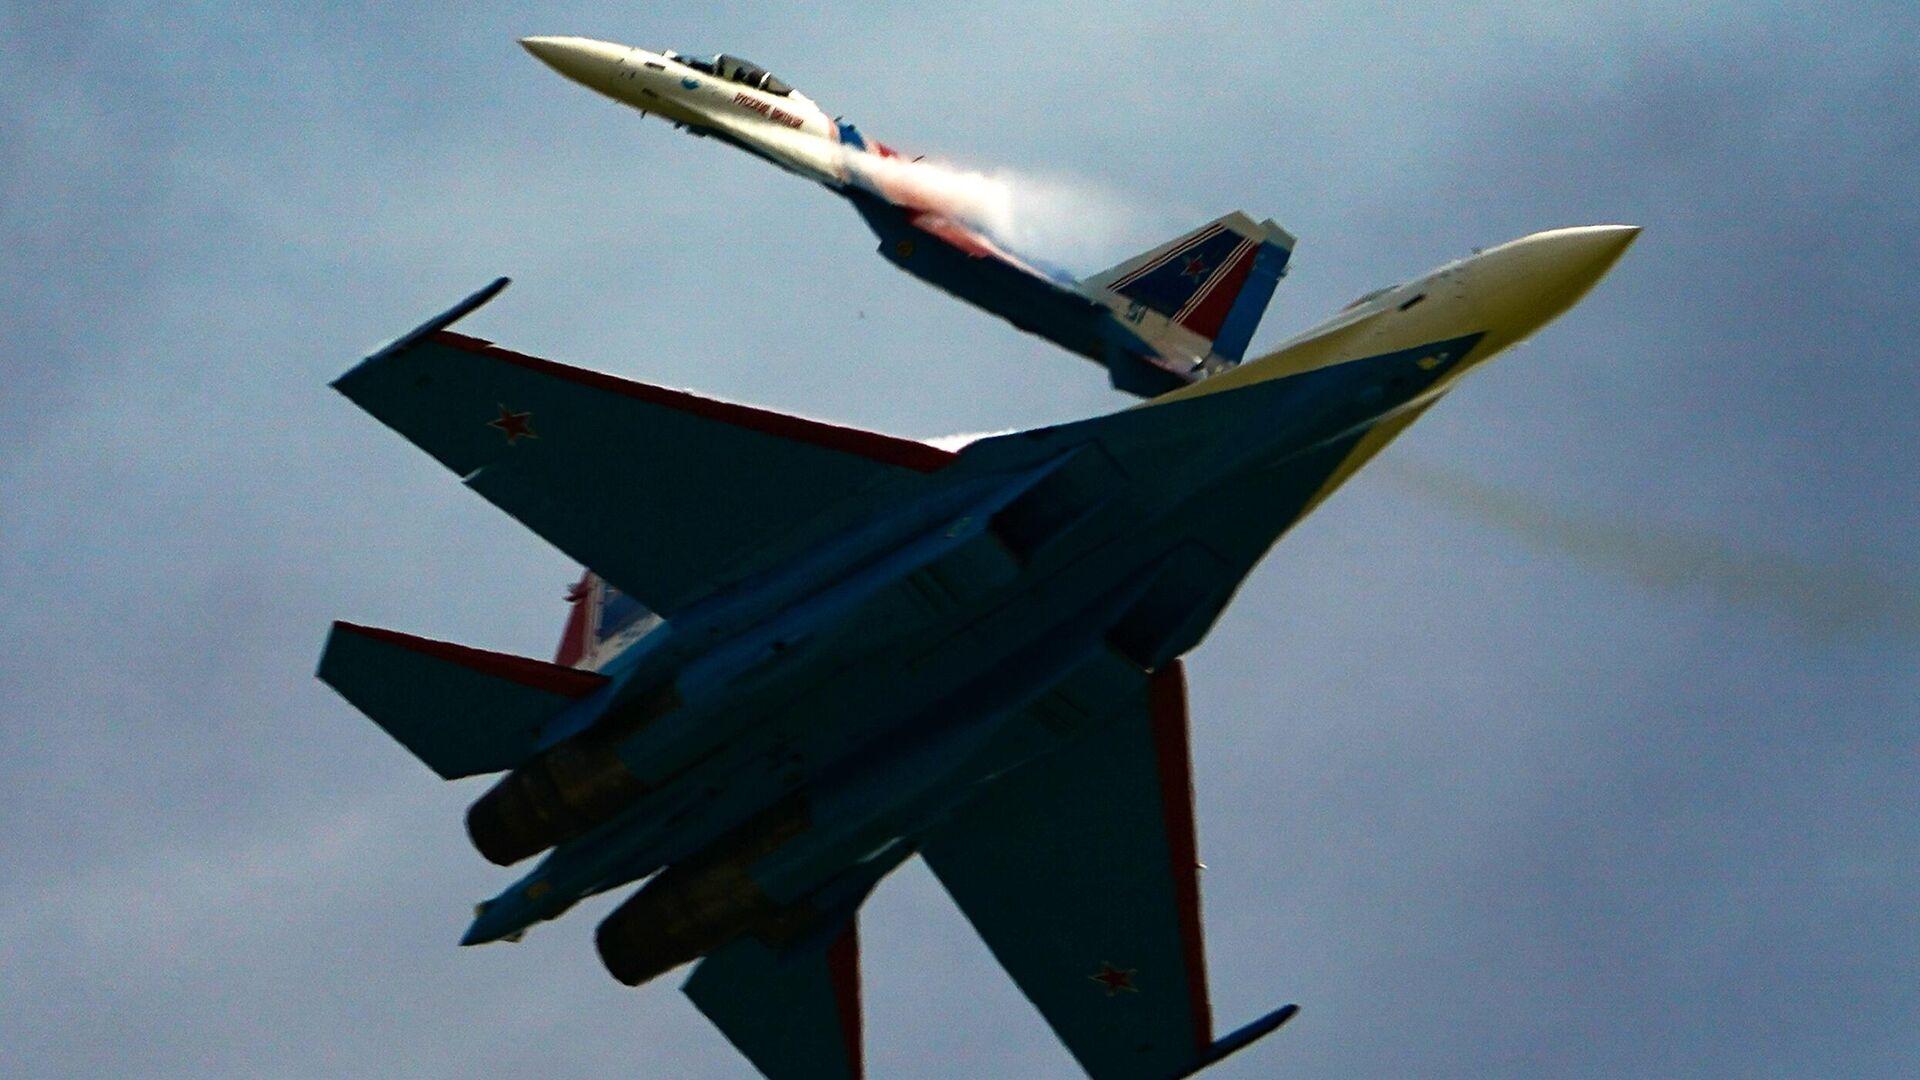 Истребители Су-35С пилотажной группы Русские витязи - РИА Новости, 1920, 13.11.2020